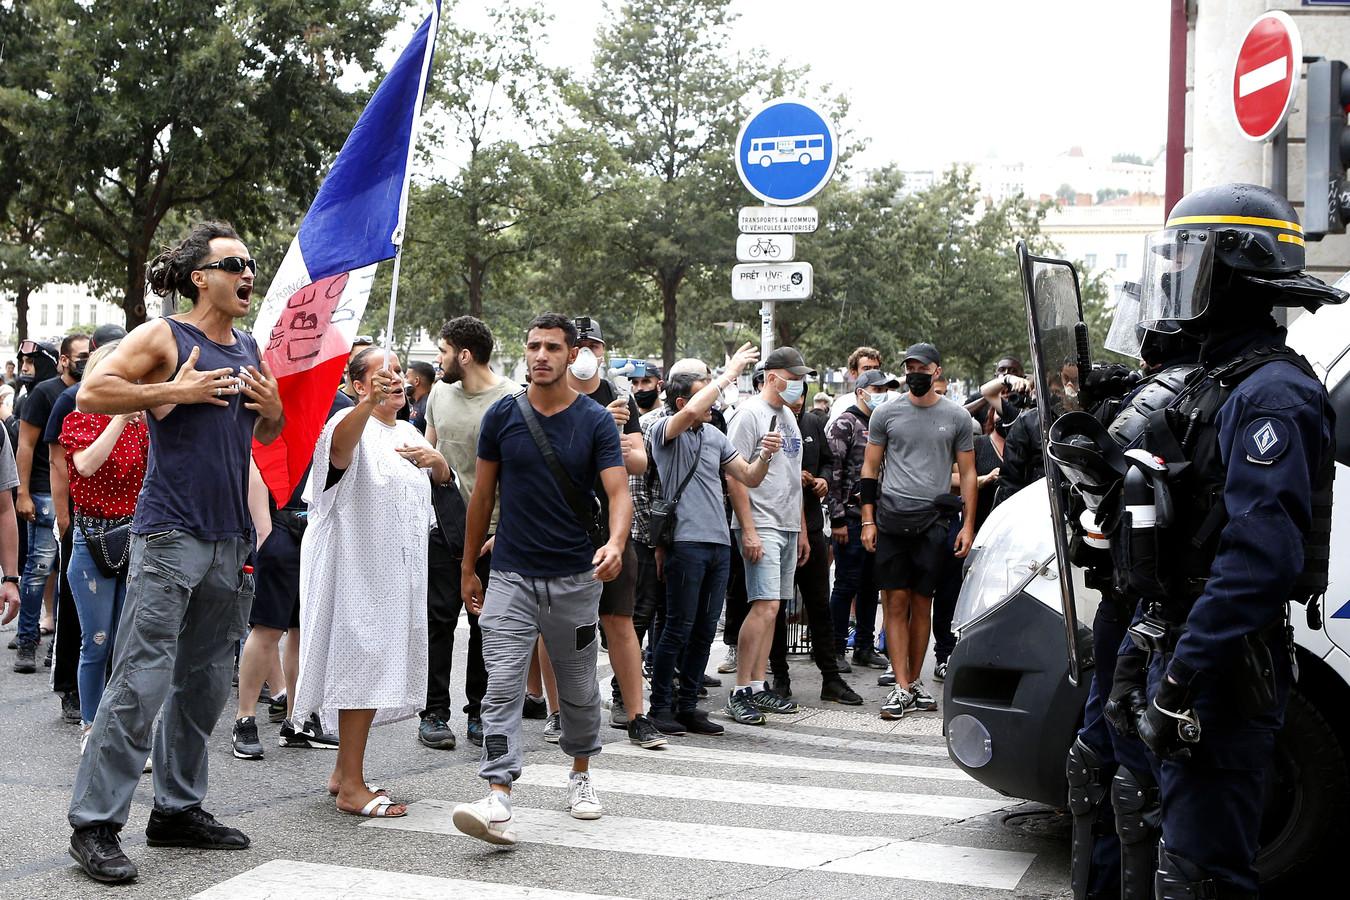 Manifestation contre le pass sanitaire à Lyon, le 24 juillet 2021. Le rassemblement étant interdit sur la place Bellecour, des affrontements avec les forces de l'ordre ont eu lieu.